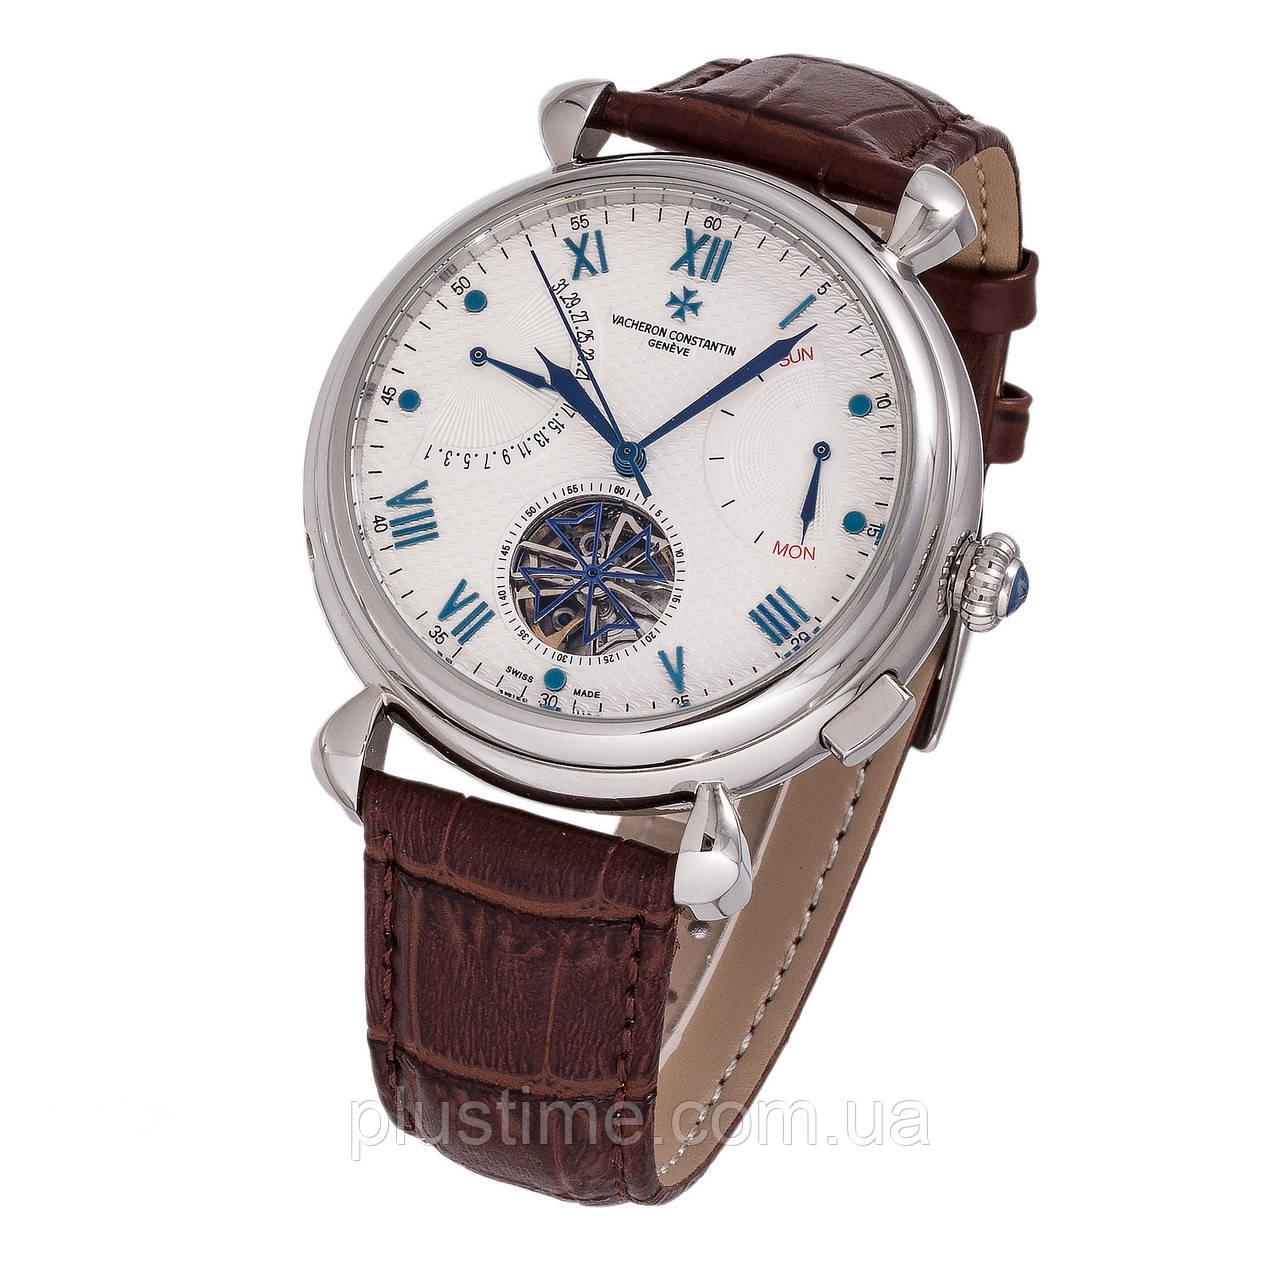 Constantin geneve продать часы vacheron часов ломбард магазин